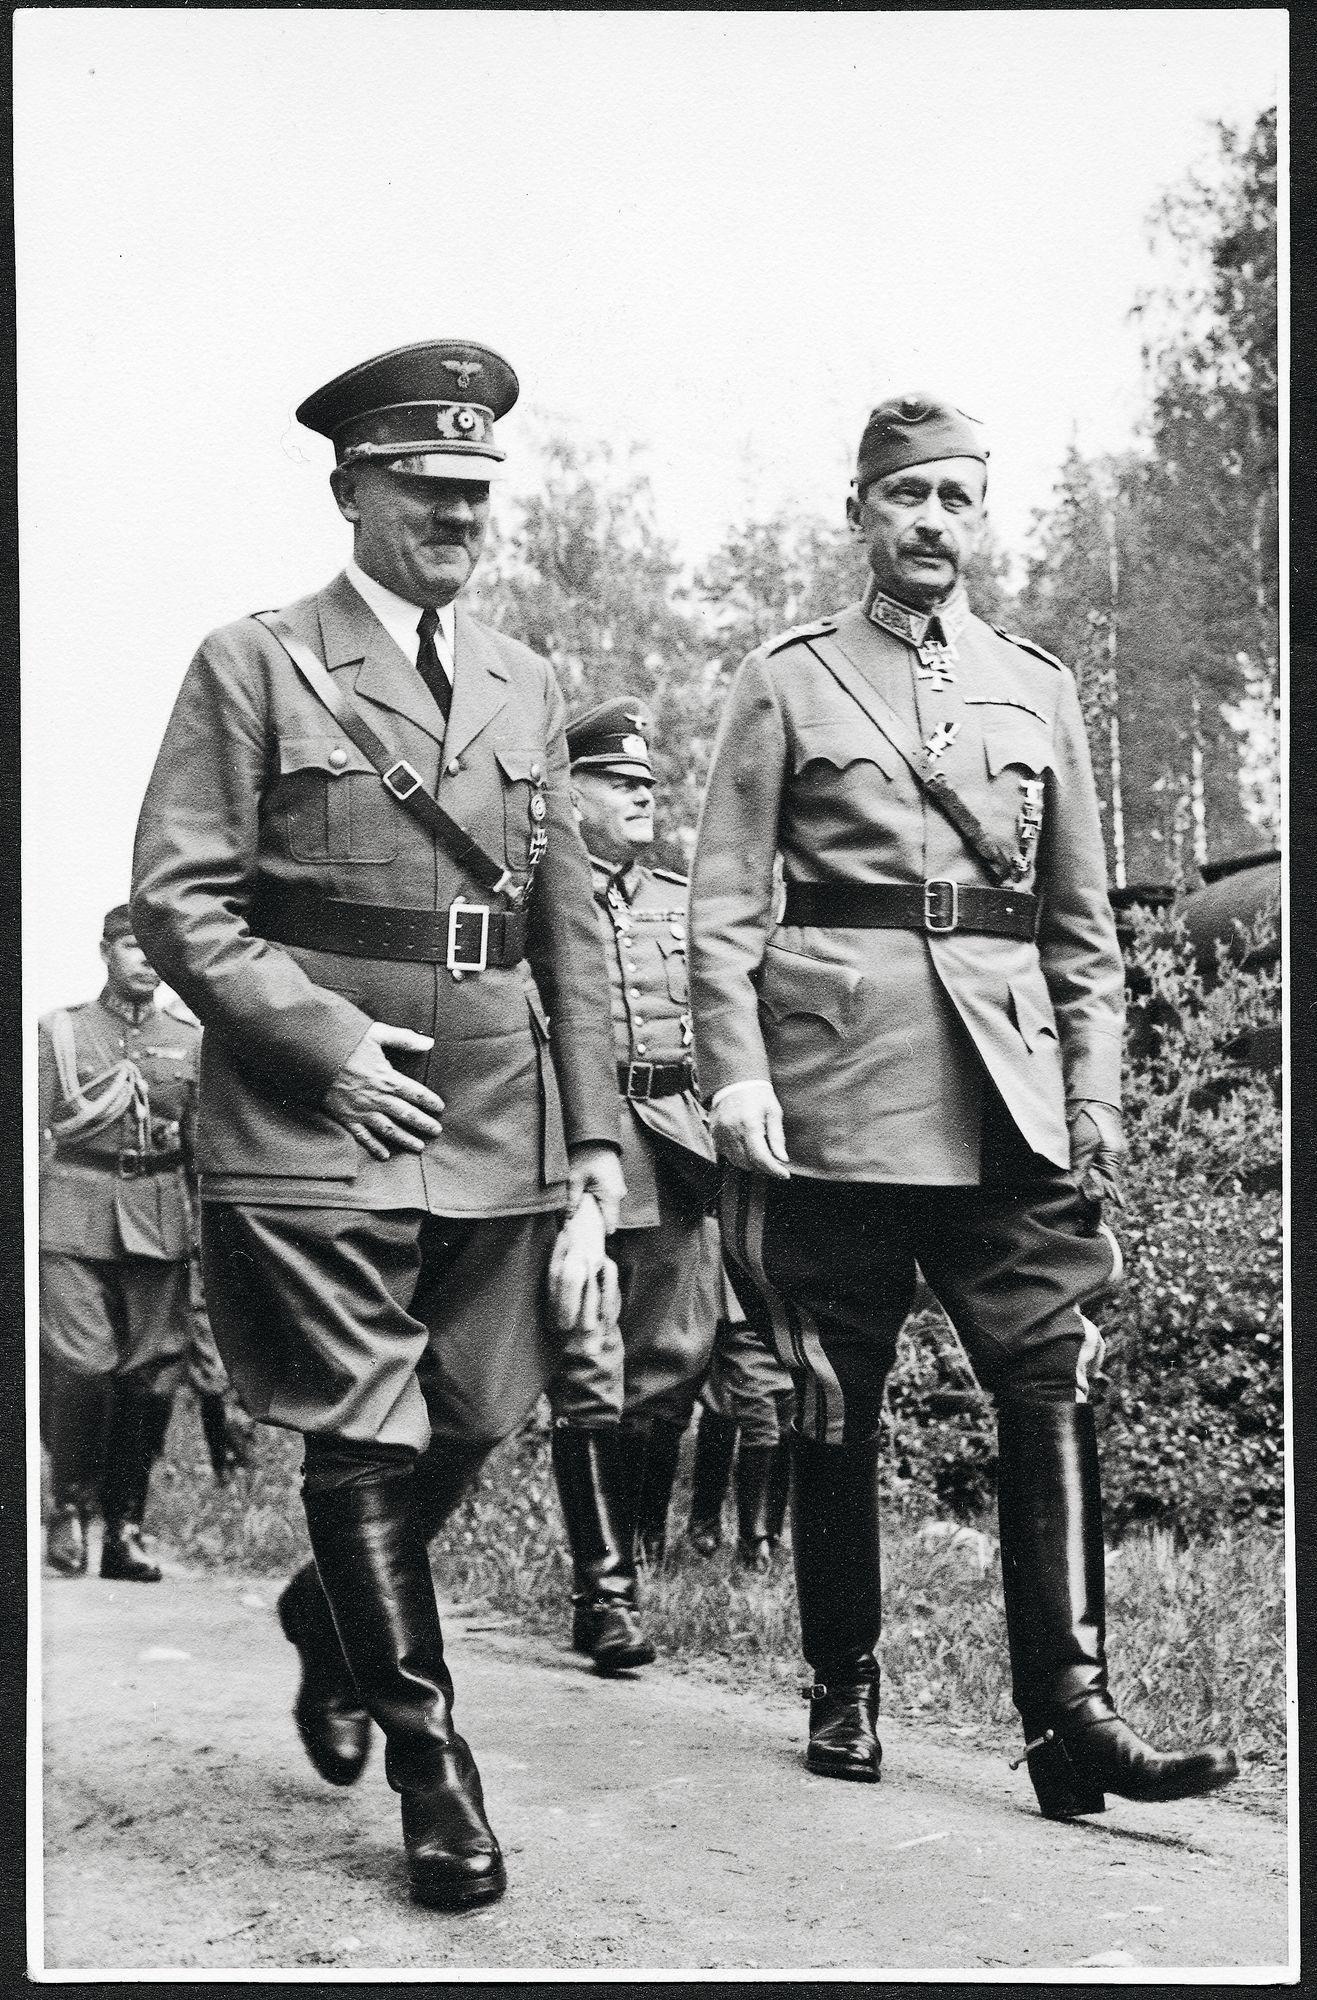 Saksan diktaattori (Führer) Adolf Hitler julisti hyökkäyksen Neuvostoliittoon ristiretkeksi bolsevismia vastaan. Kuvassa oikealla marsalkka C.G.E. Mannerheim vuonna 1942. © /SKOY